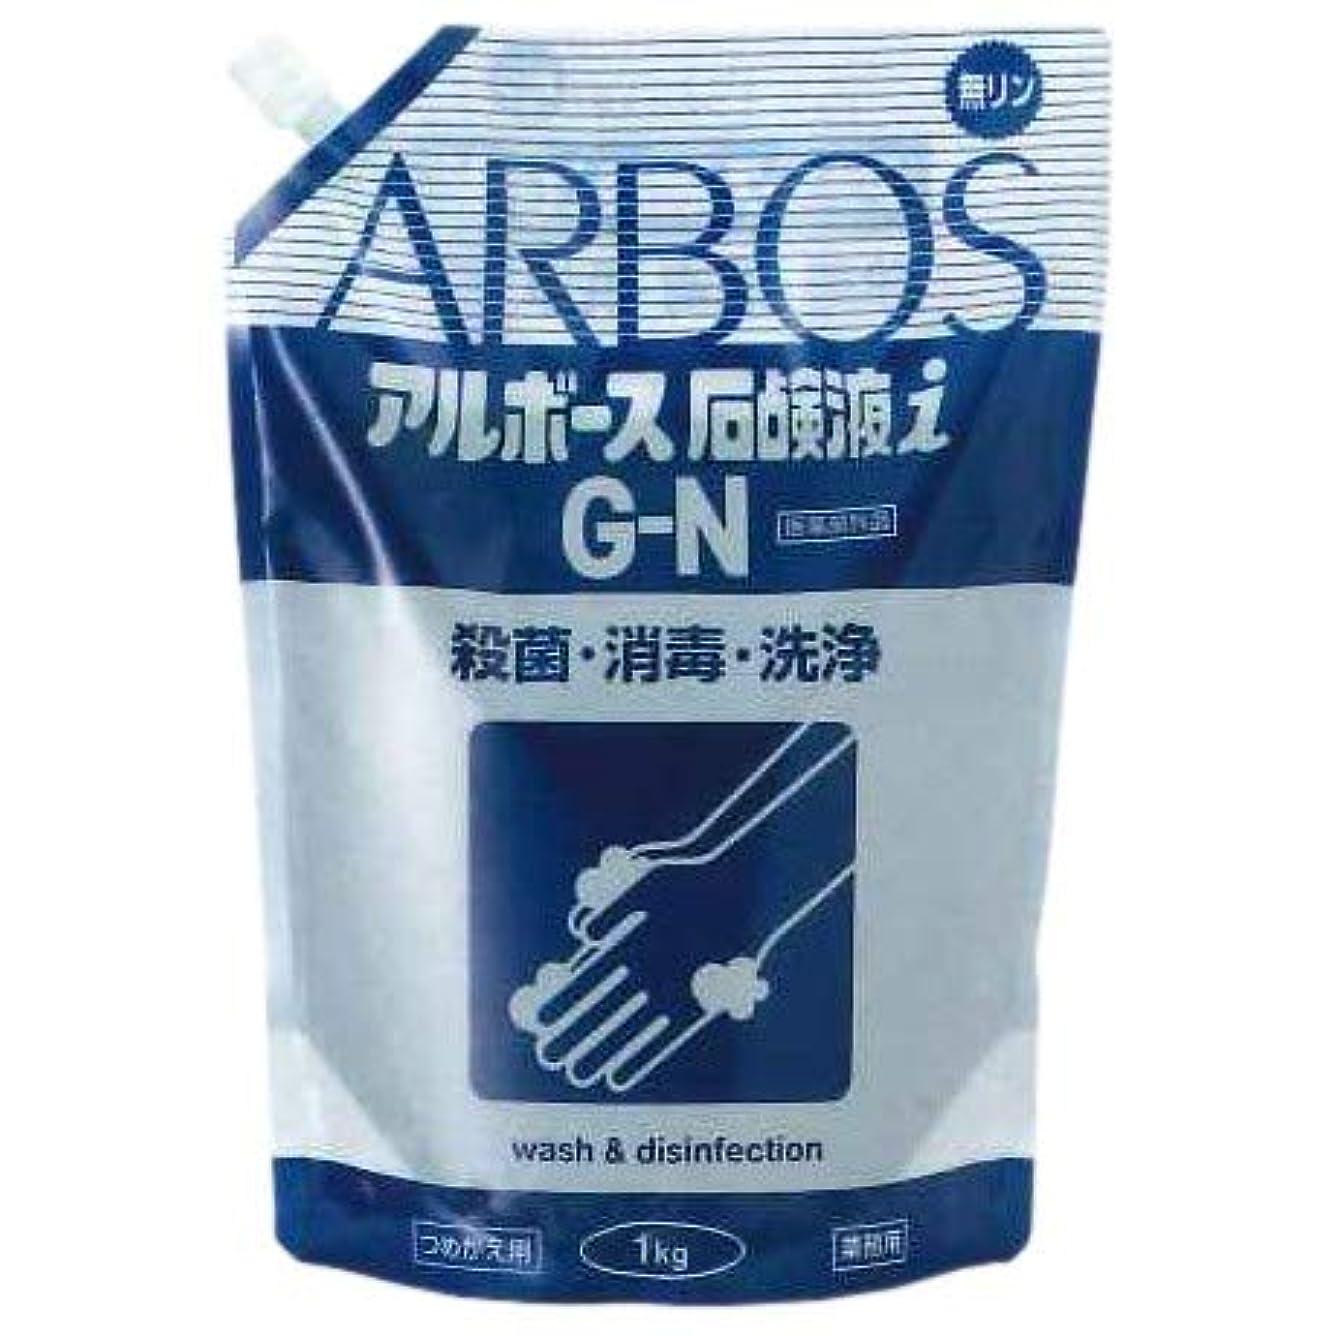 中間水星従順なアルボース 薬用ハンドソープ アルボース石鹸液i G-N 濃縮タイプ 1kg×18袋